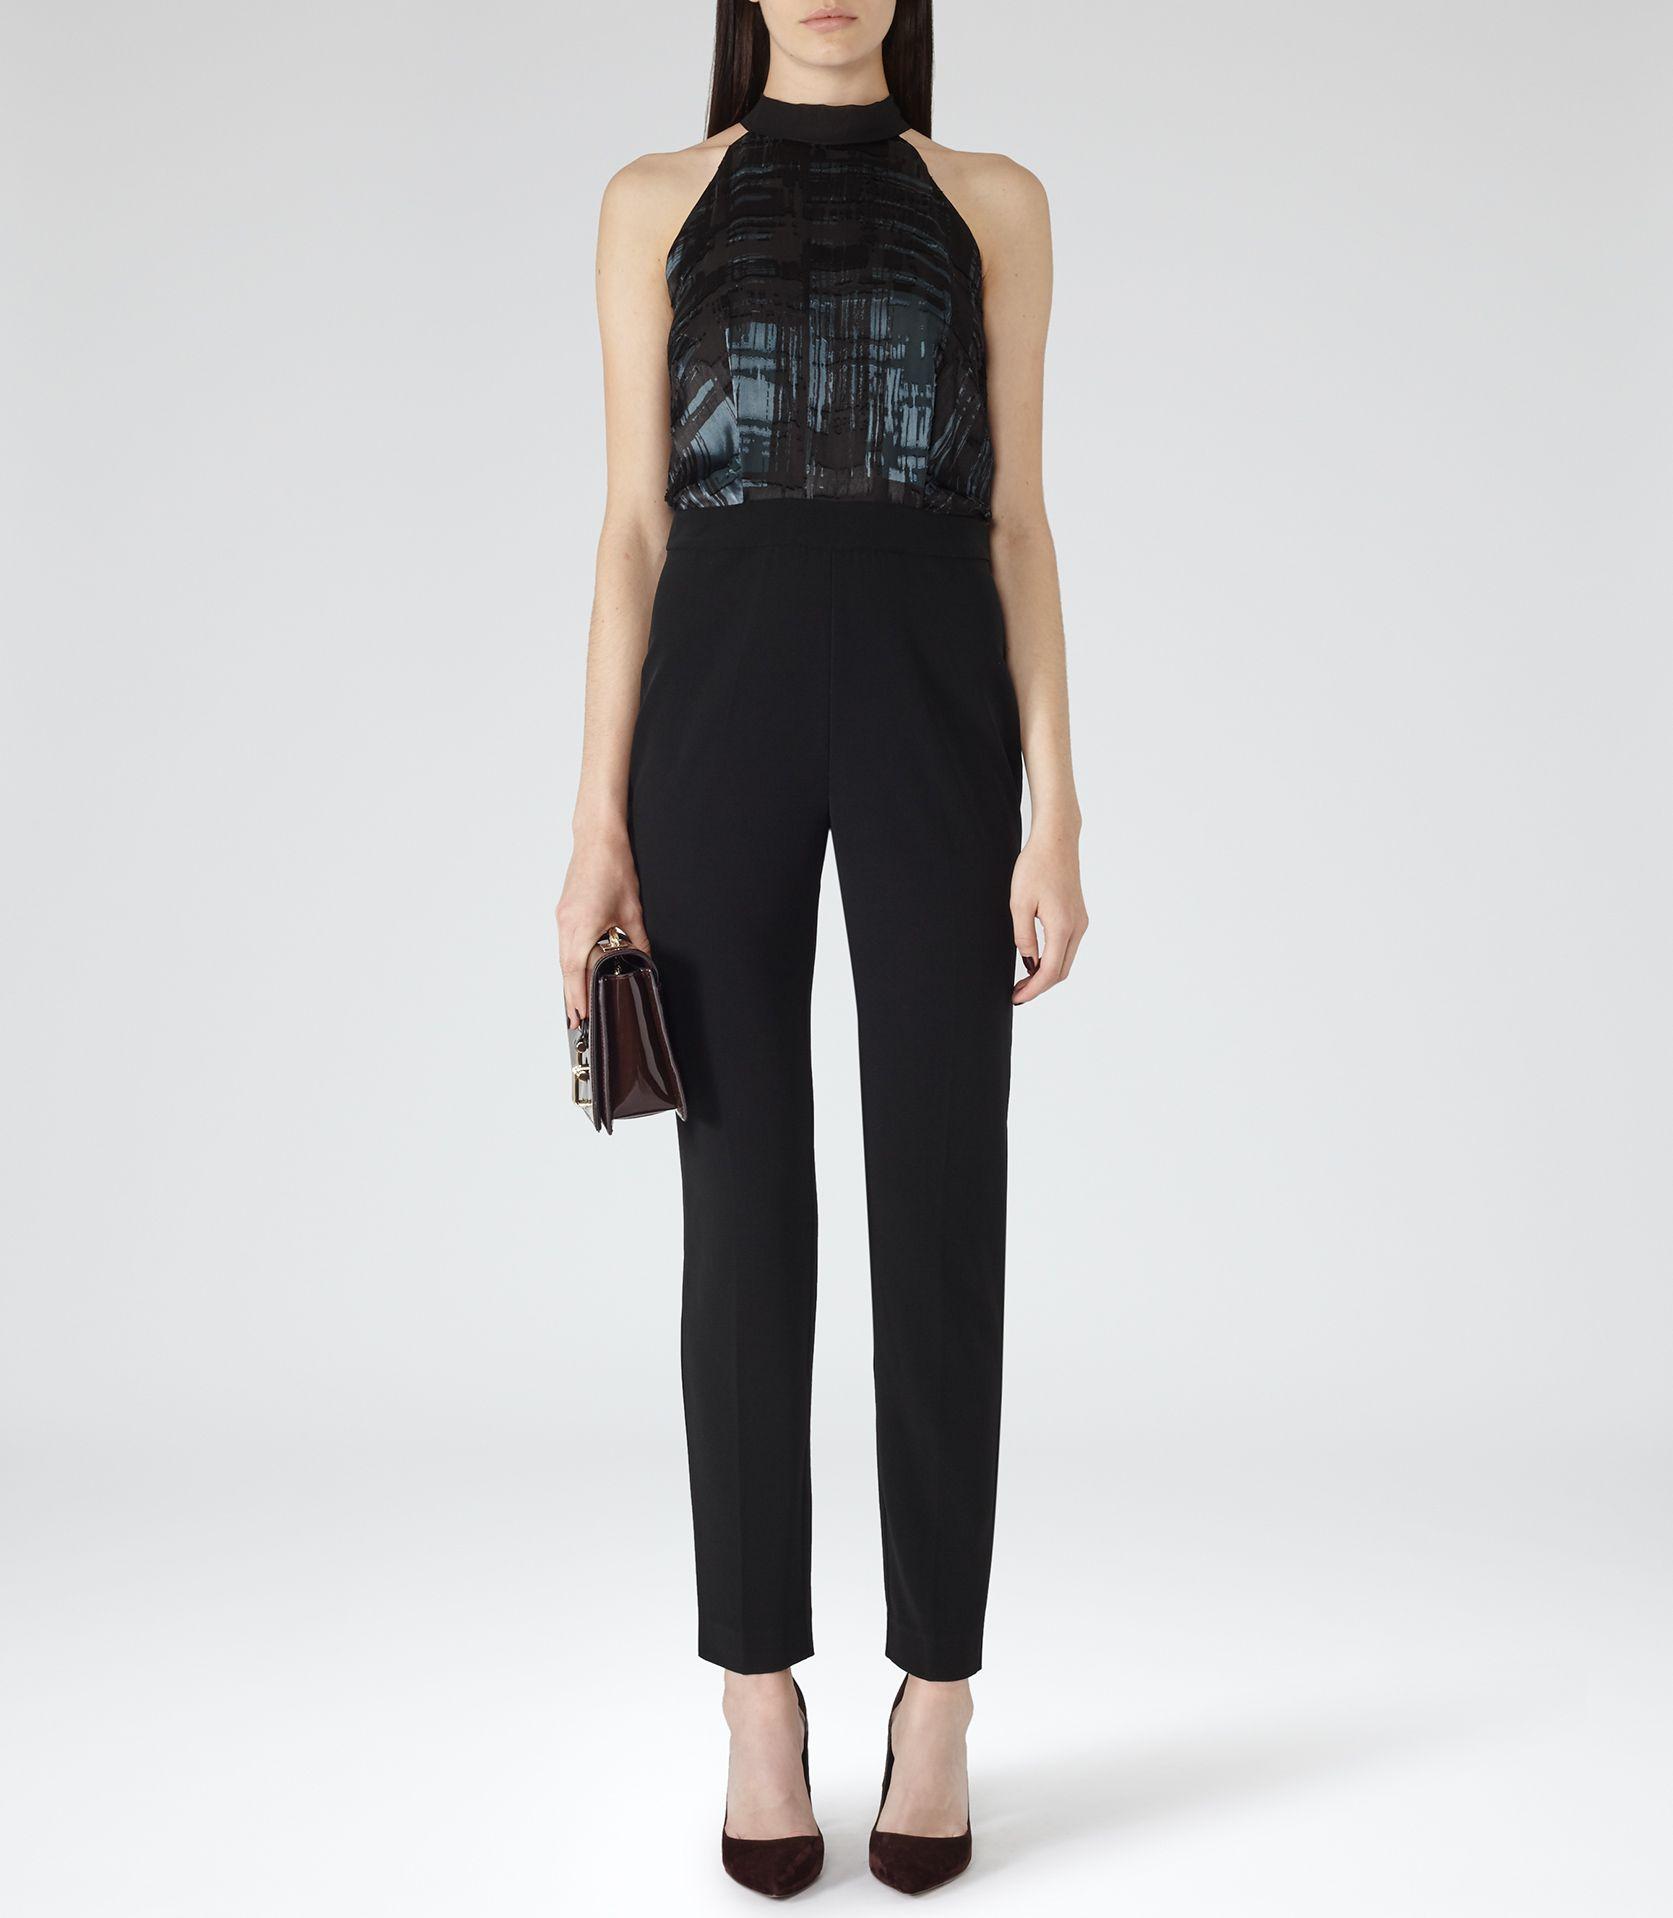 40ba89722d Womens Black Tie-neck Jumpsuit - Reiss Gray